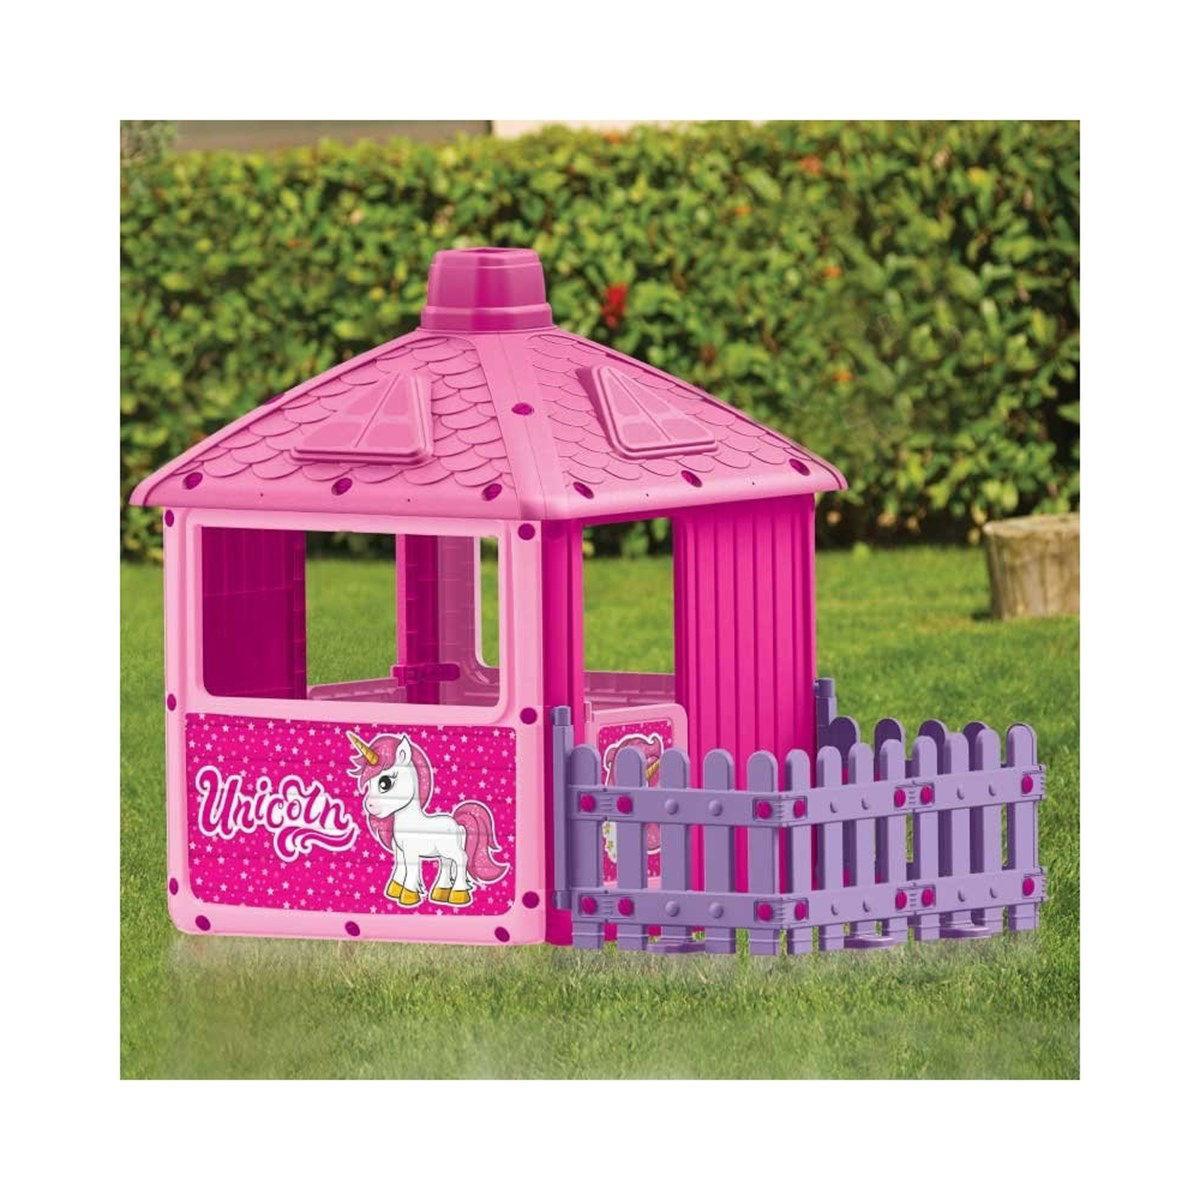 Image de Maison unicorn avec cloture